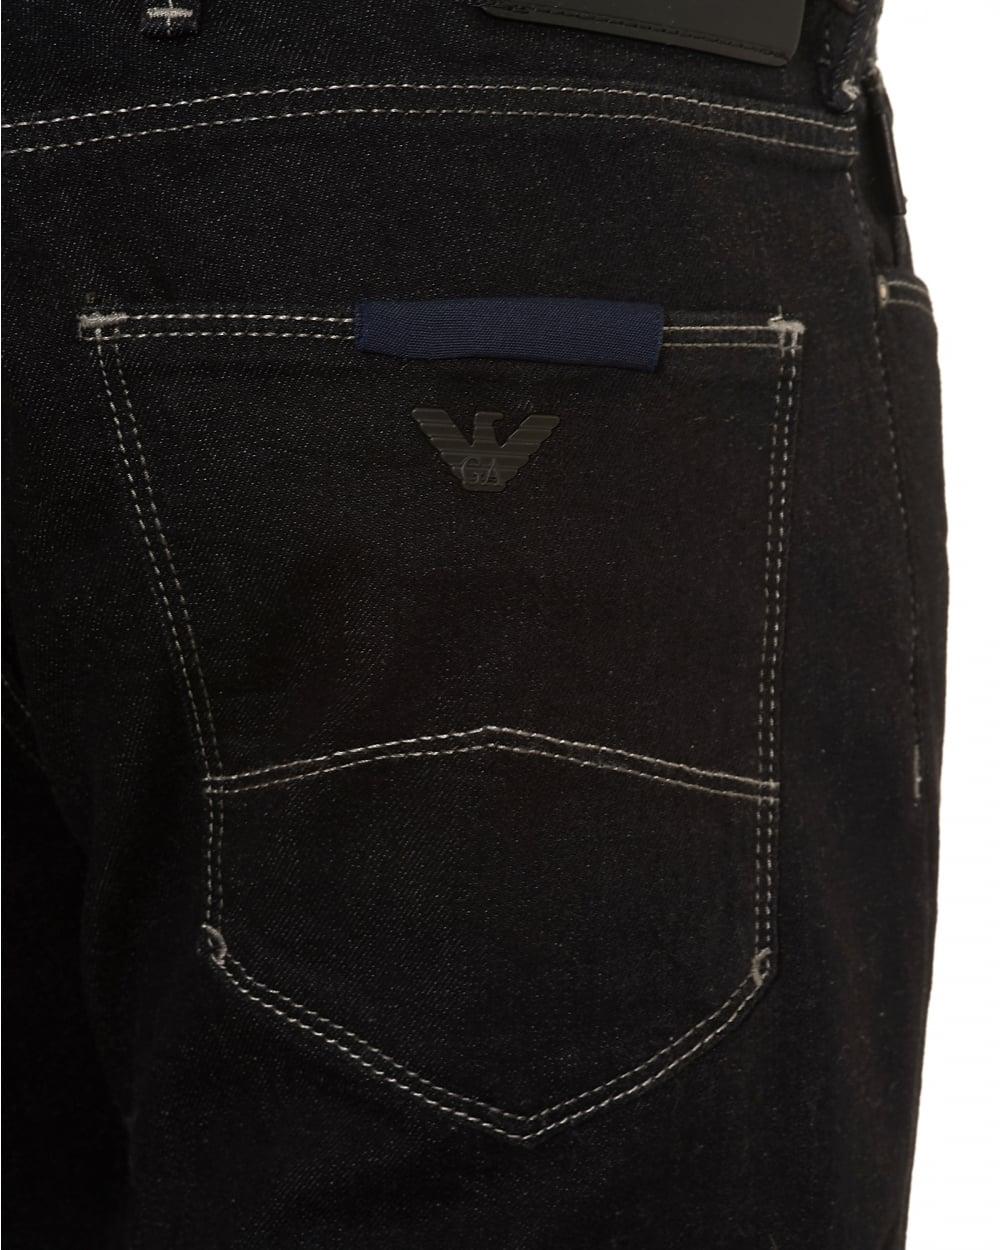 48b99737df63 Armani Jeans Mens J06 Jeans